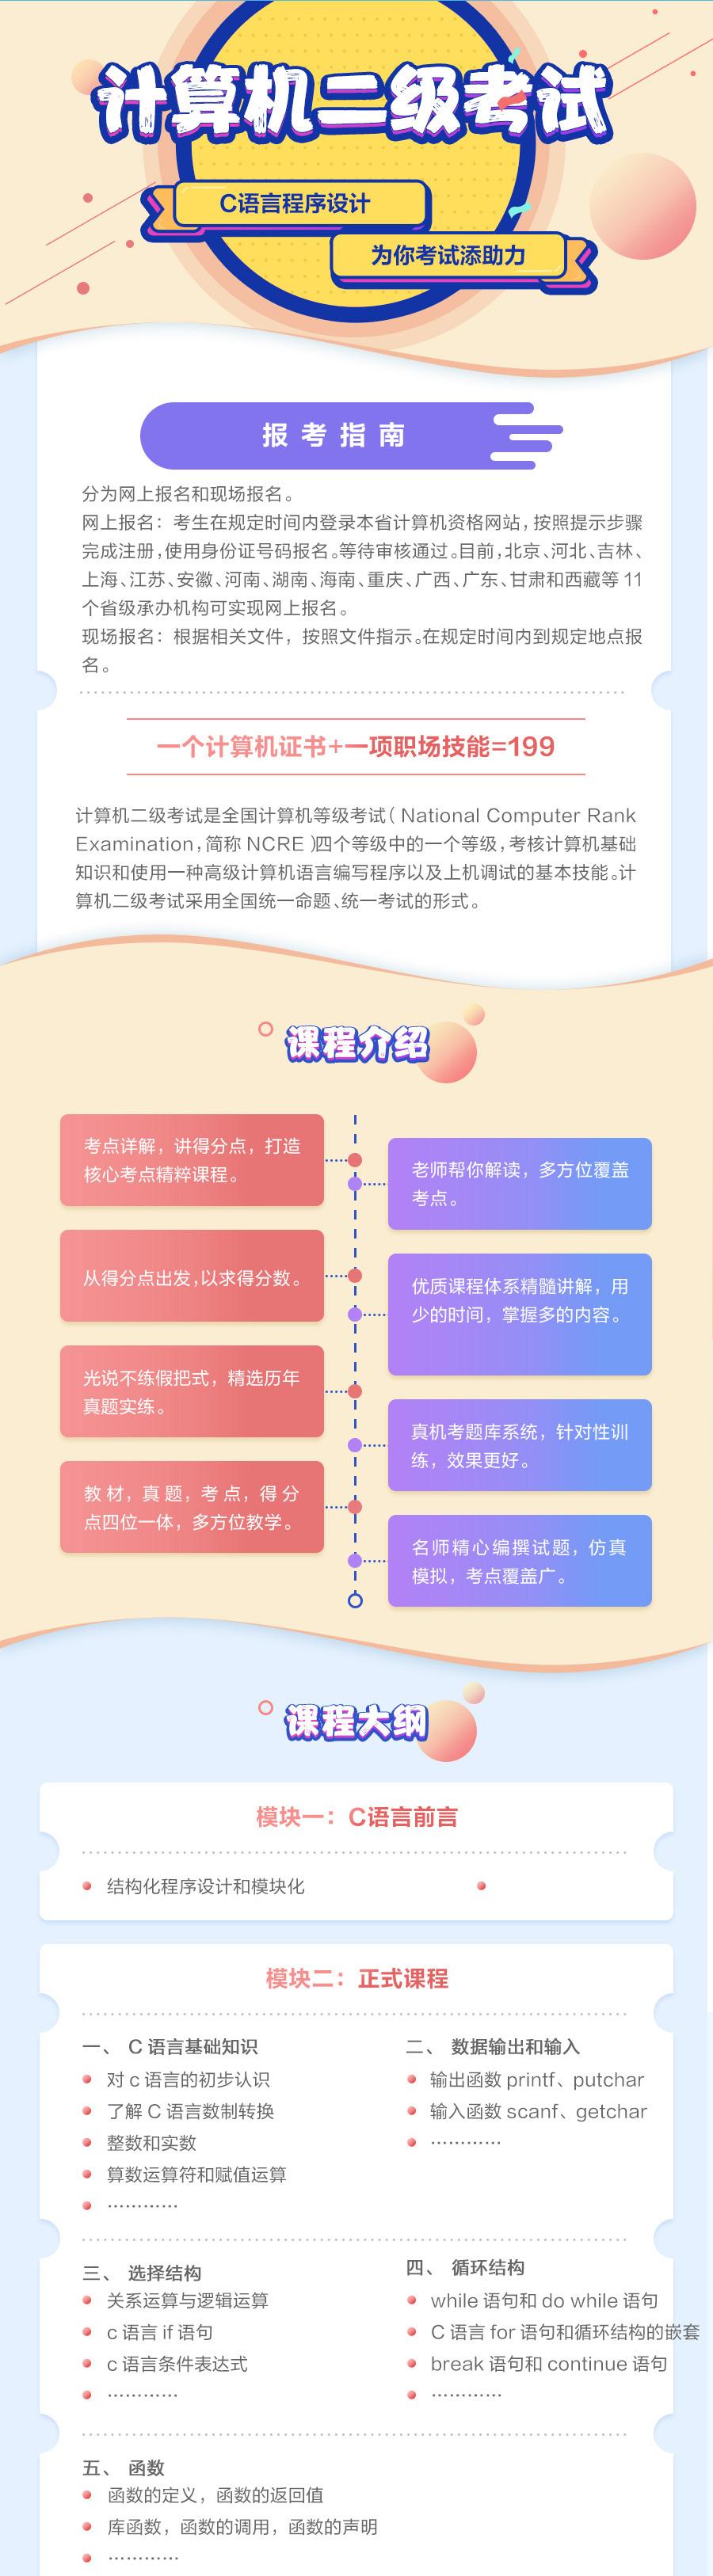 计算机二级c  题库_计算机二级考试之C语言注释_C语言培训课程_优就业IT在线教育